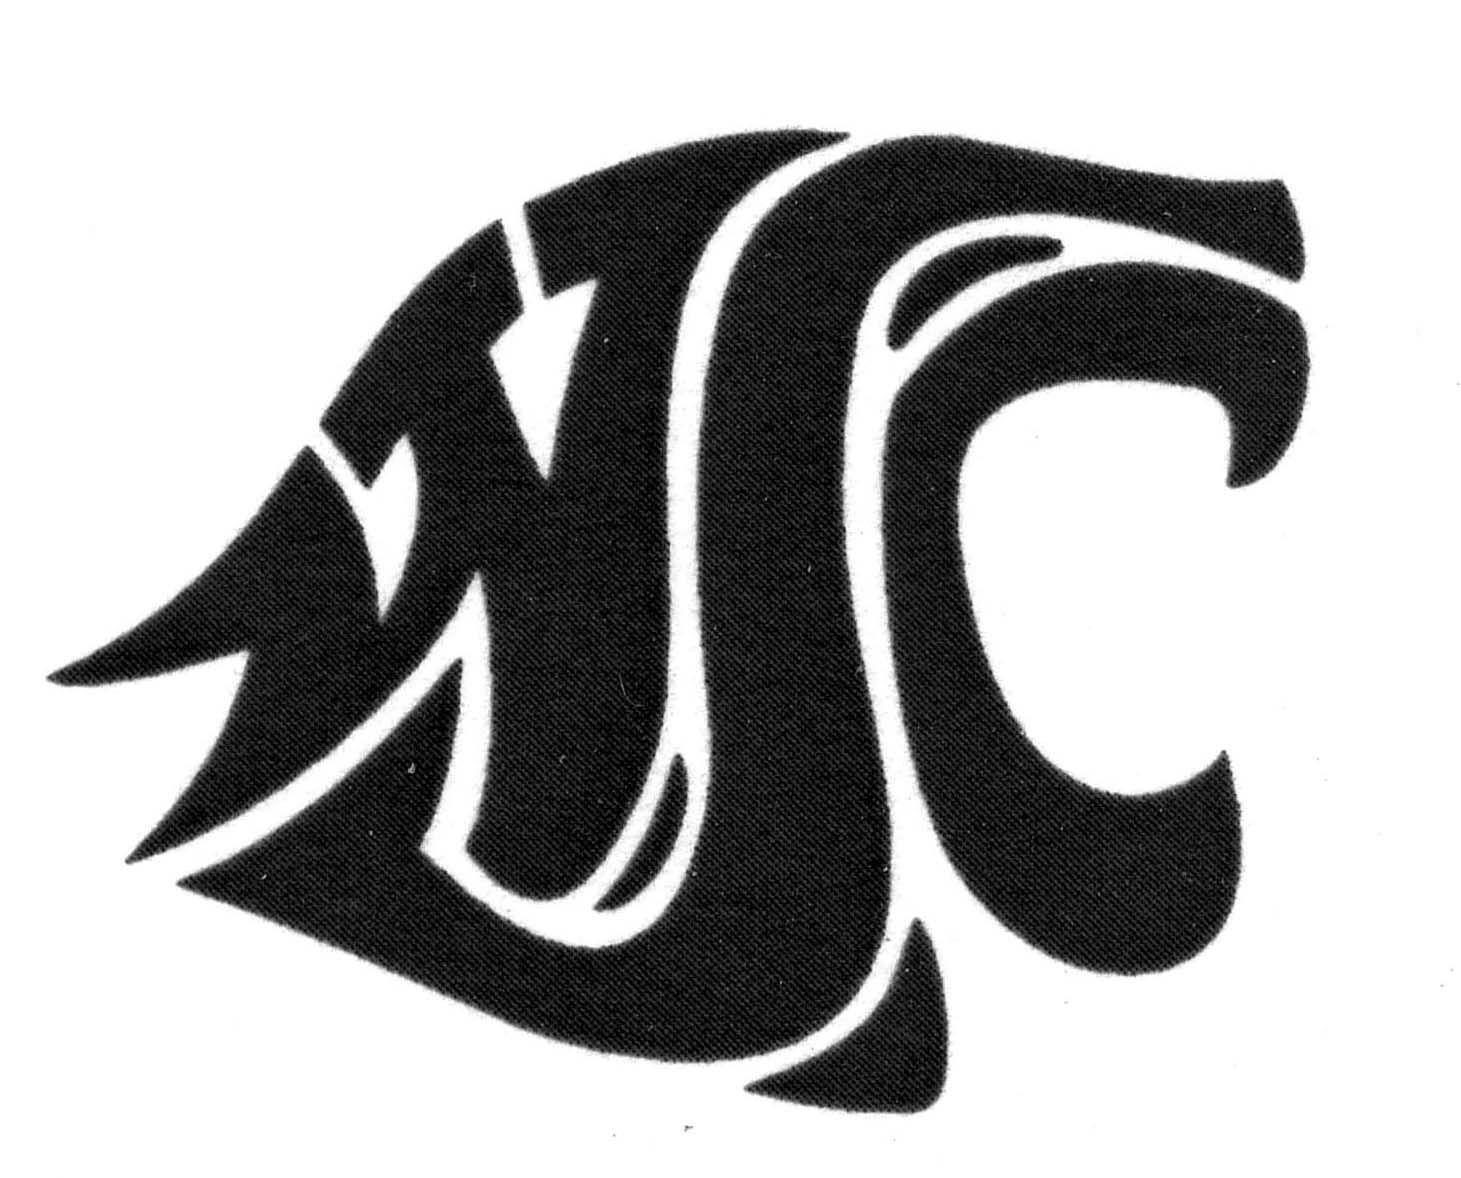 Washington State Cougars Logo WSU N4 free image.